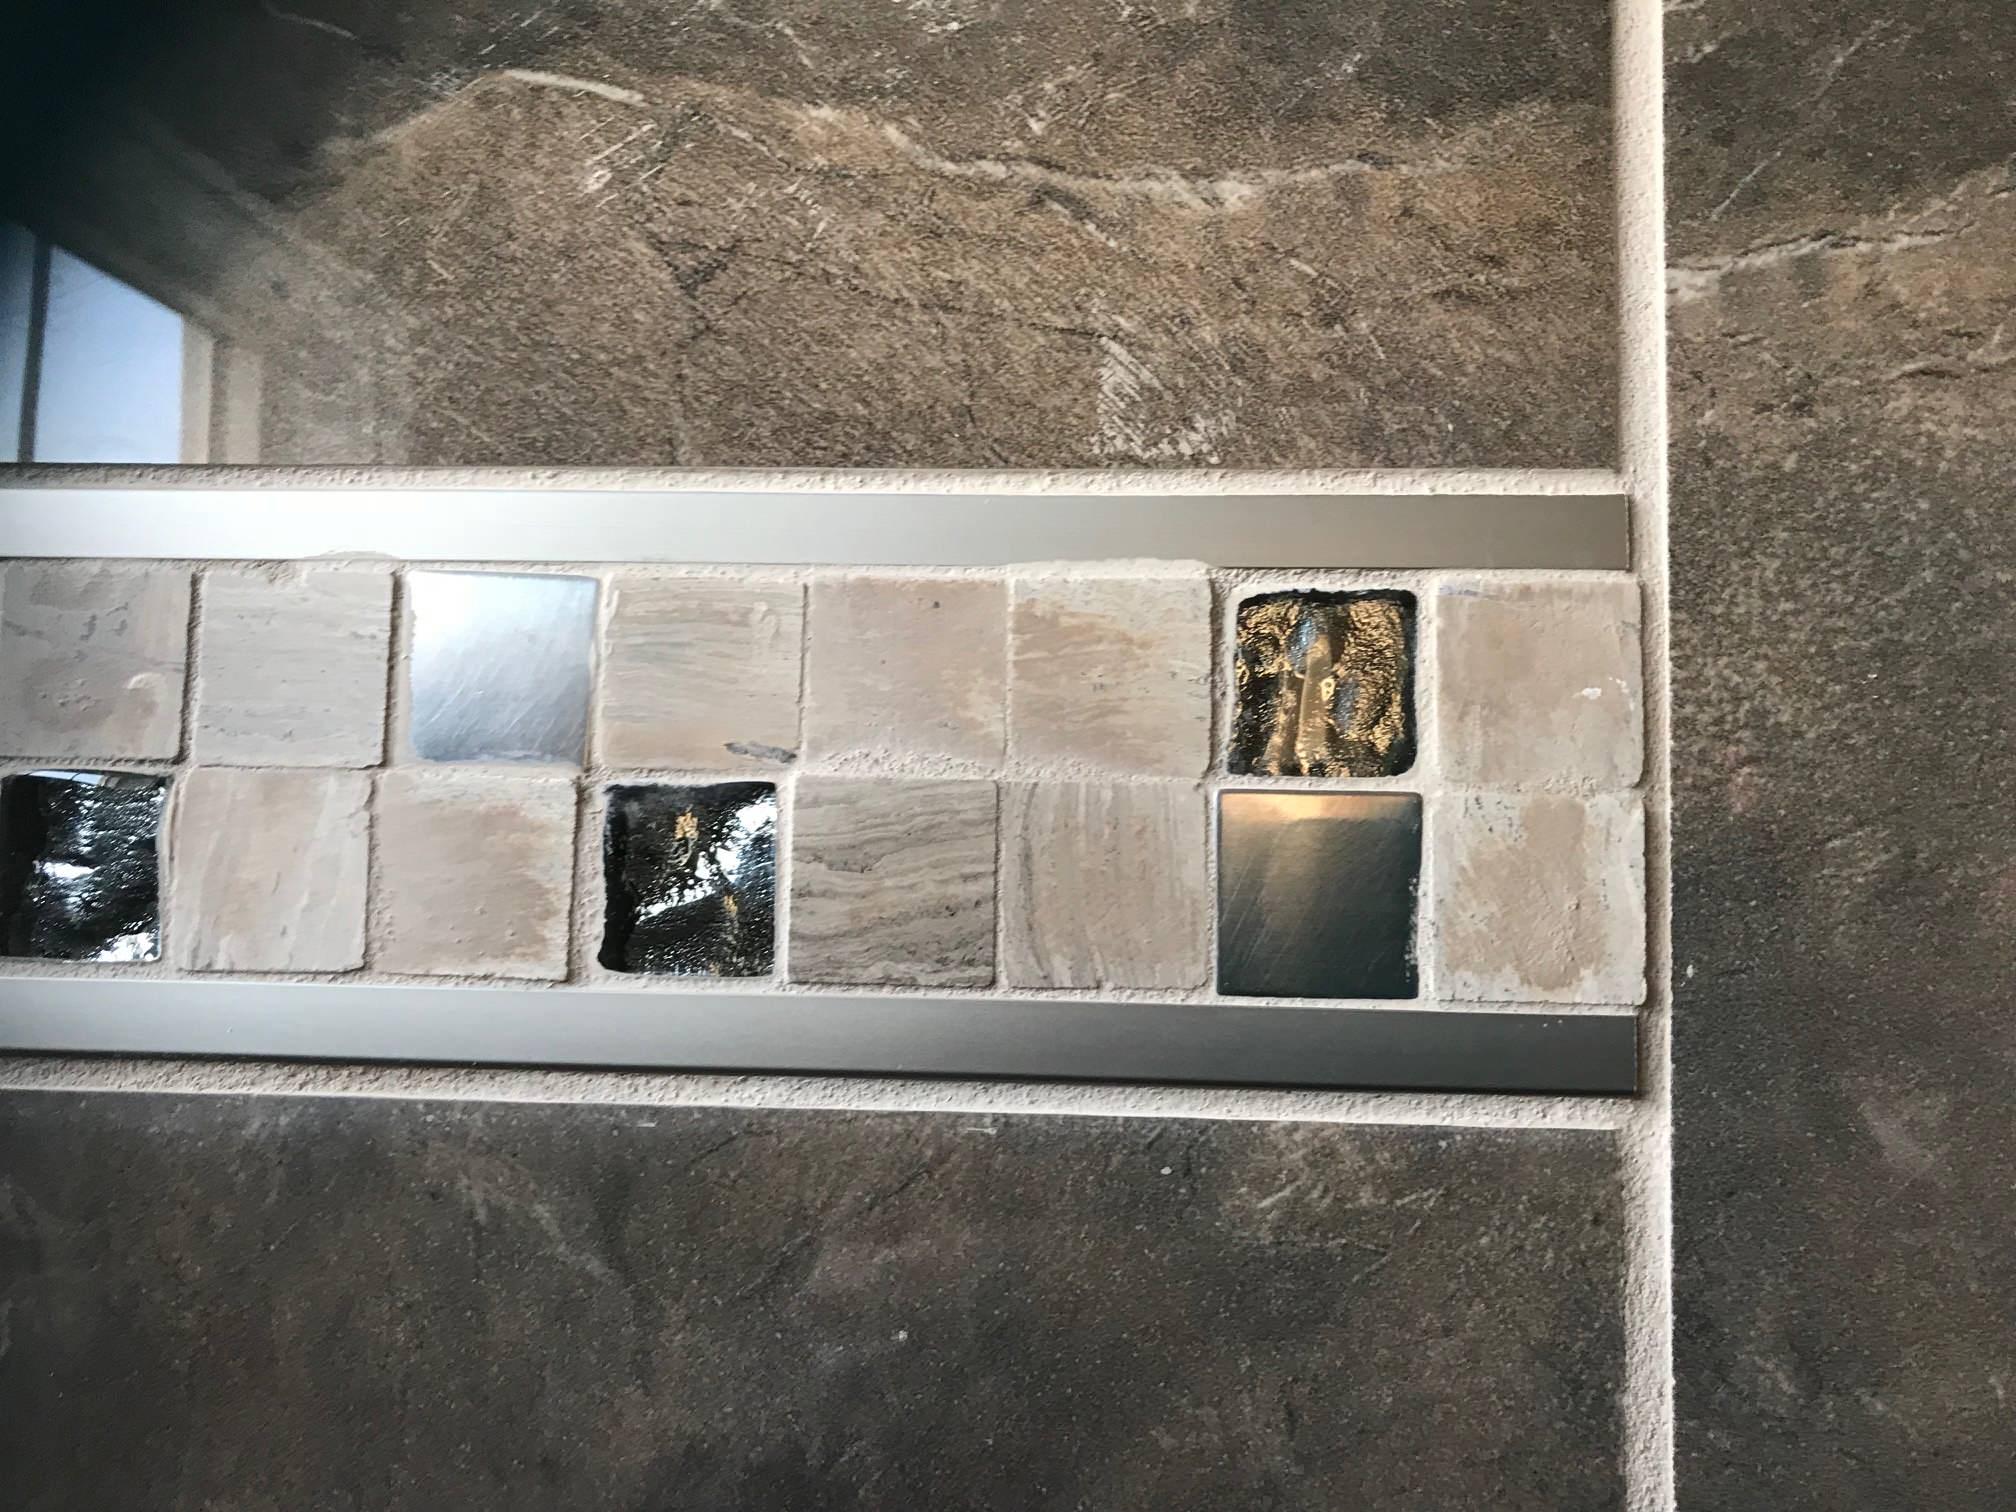 Custom  Ceramic Tile Tub Surround with inlaid tile design